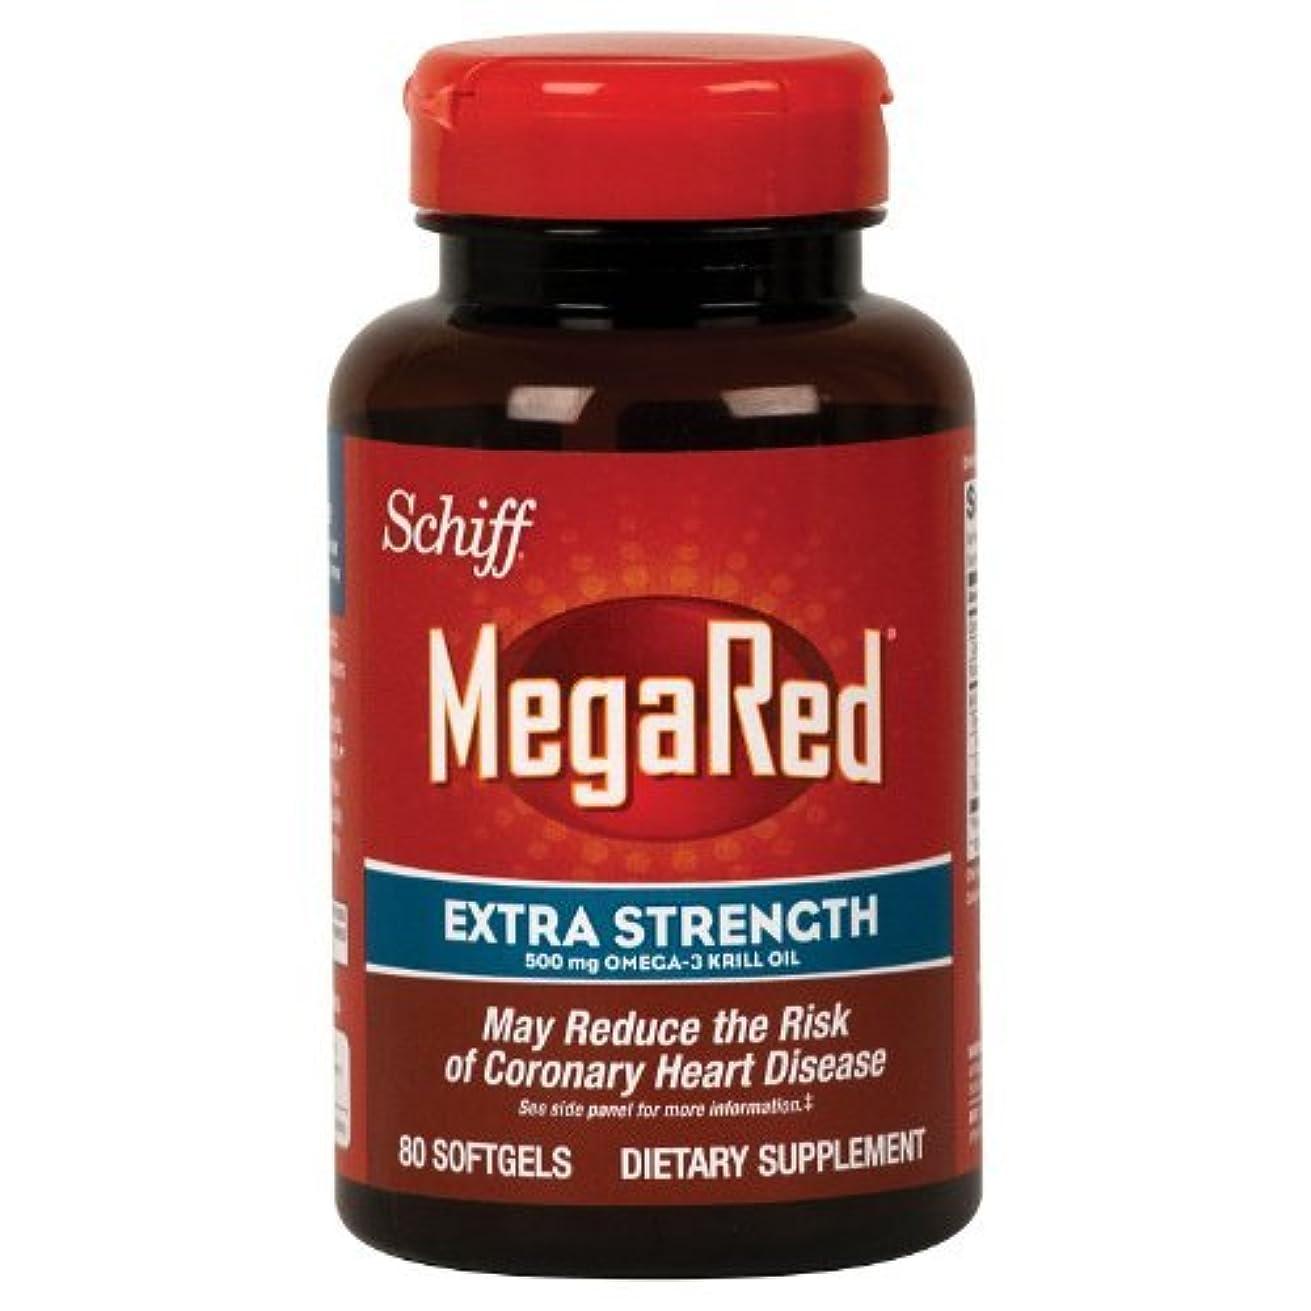 夜明けに宗教悩むSchiff Megared Extra Strength 500mg Omega-3 Krill Oil - 80 Softgels by Simply Right [並行輸入品]